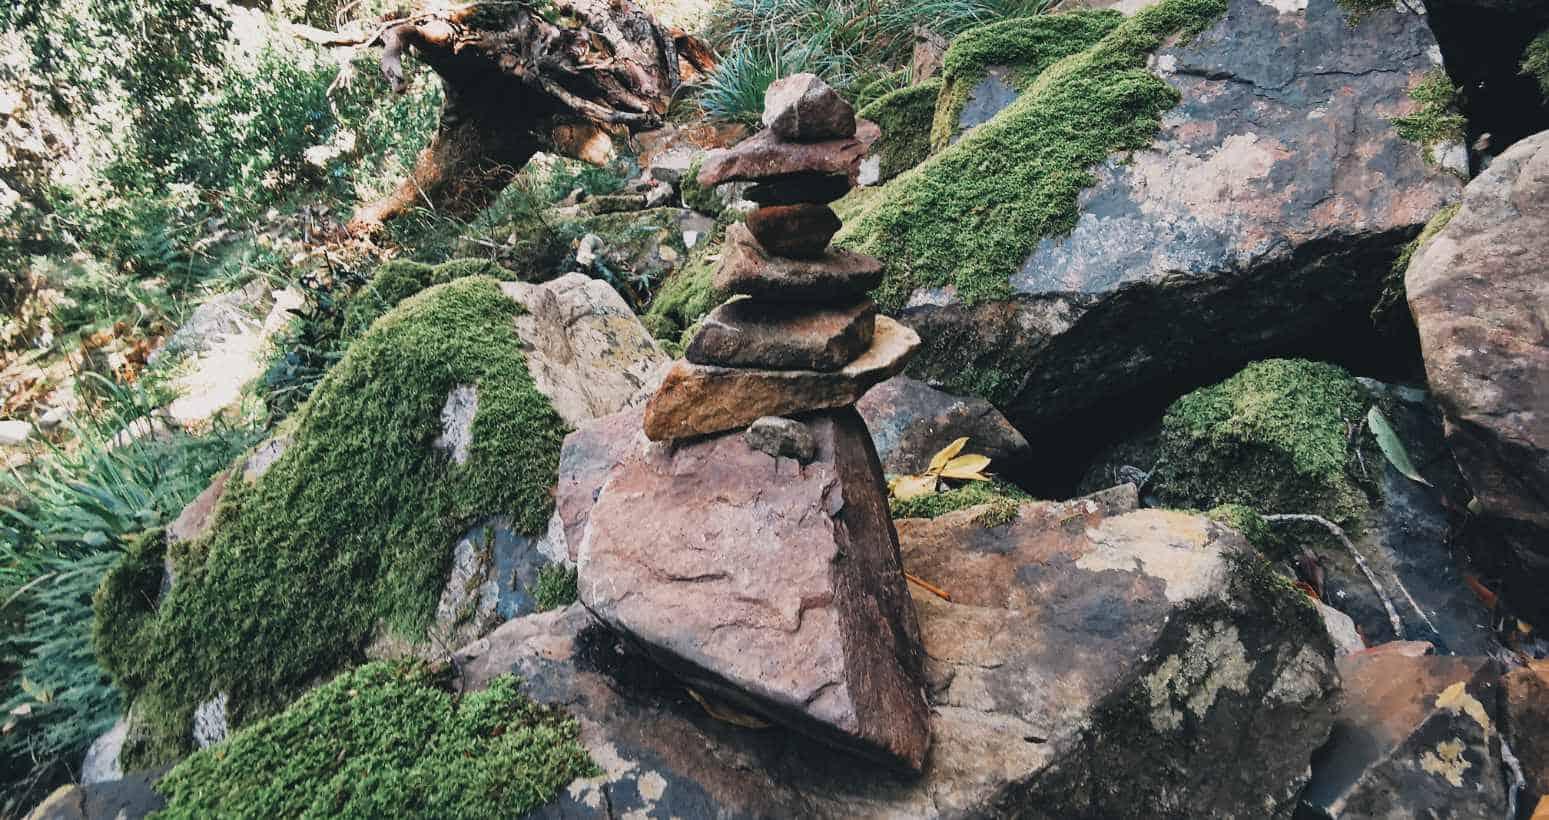 Rock cairns marqueur de randonnée gorge sombre